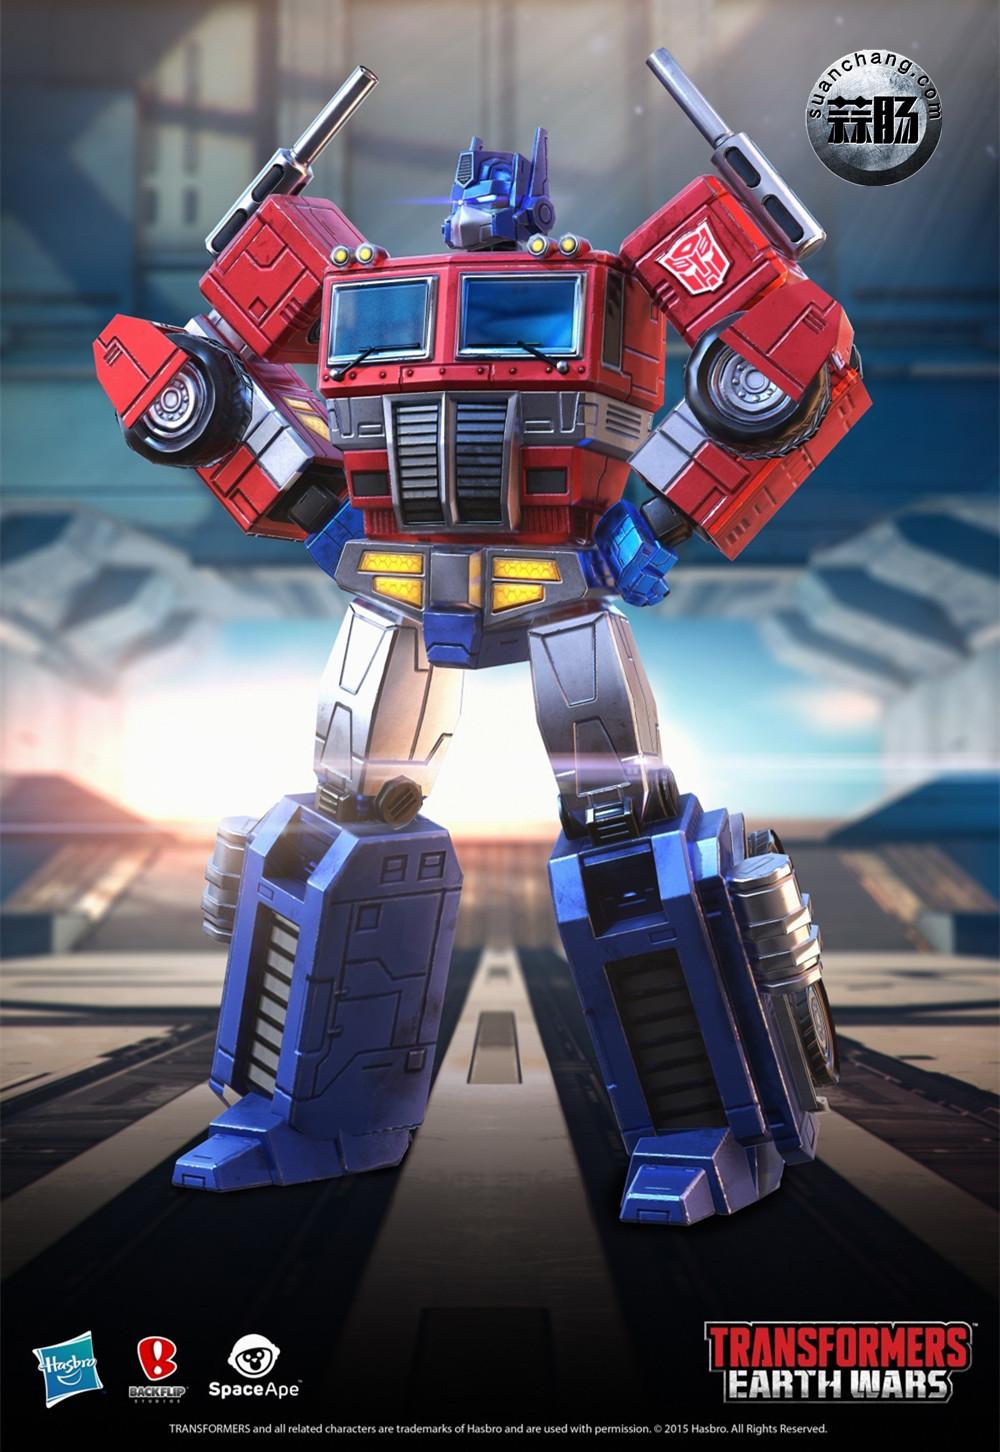 Transformers Earth Wars 游戏人物(一) 变形金刚 第1张